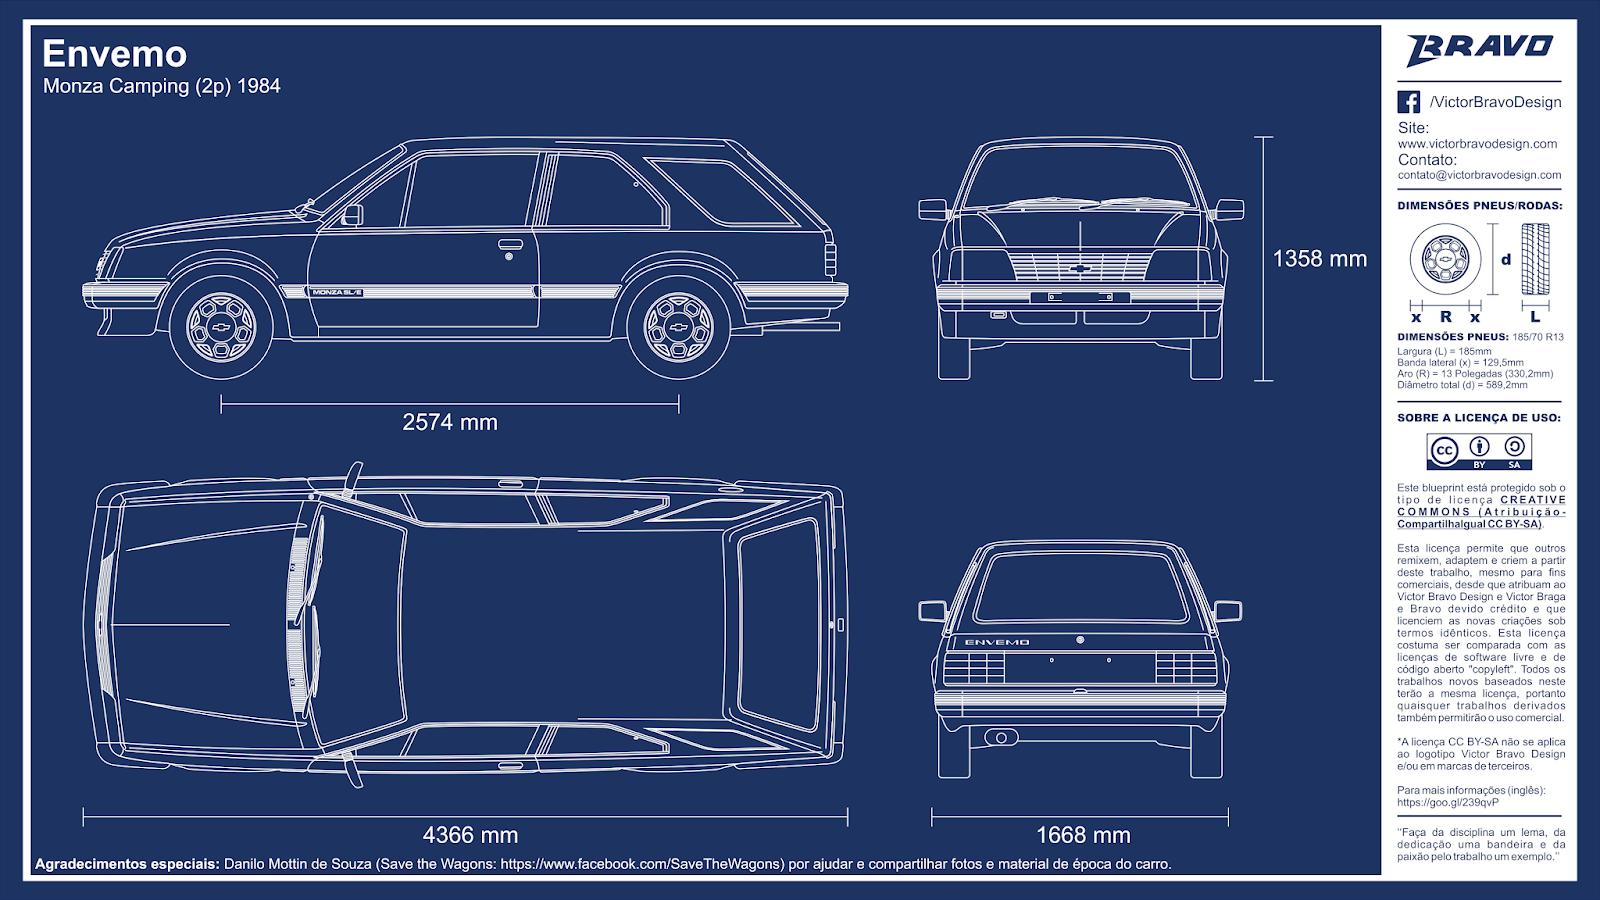 Imagem mostrando o desenho do blueprint Envemo Monza Camping (2p) 1984 (mais conhecido como Chevrolet  Monza Perua)